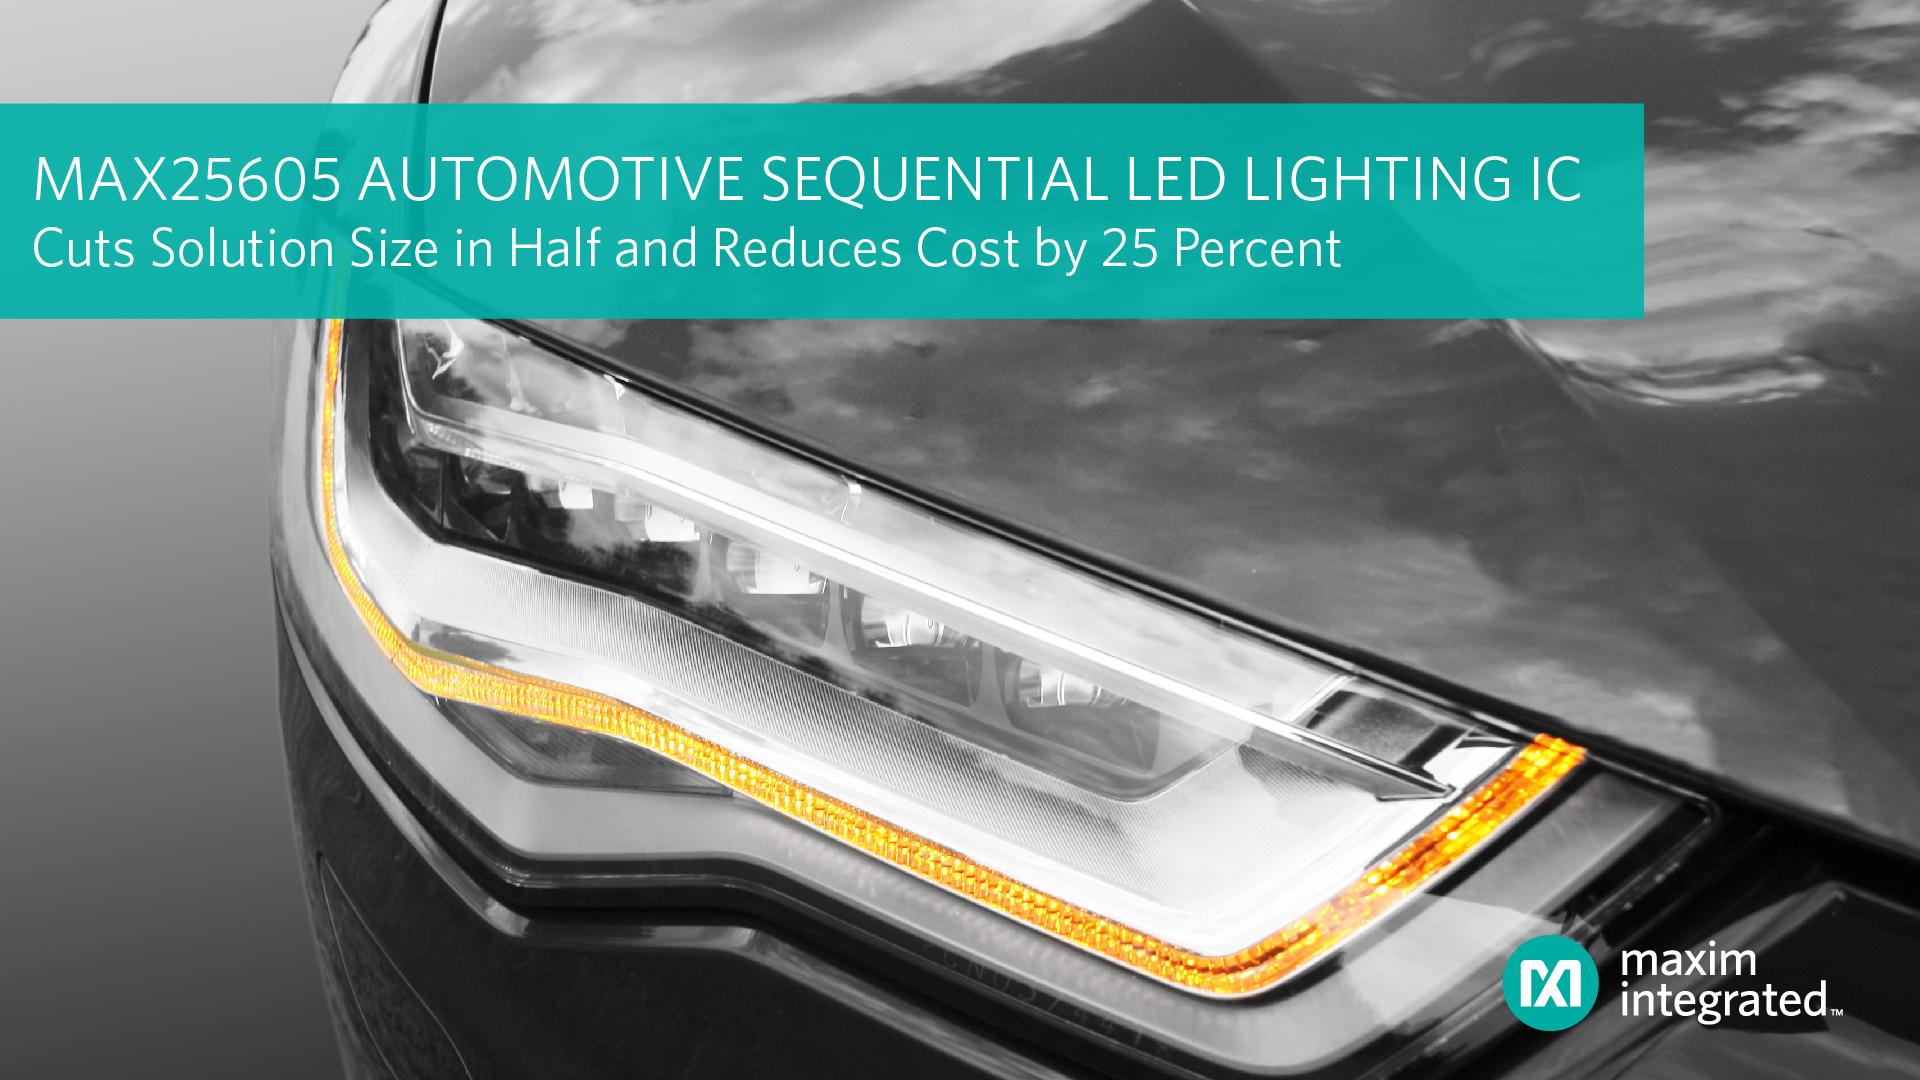 Controller Automotive per l'Illuminazione Sequenziale a LED Riduce le Dimensioni e il Costo